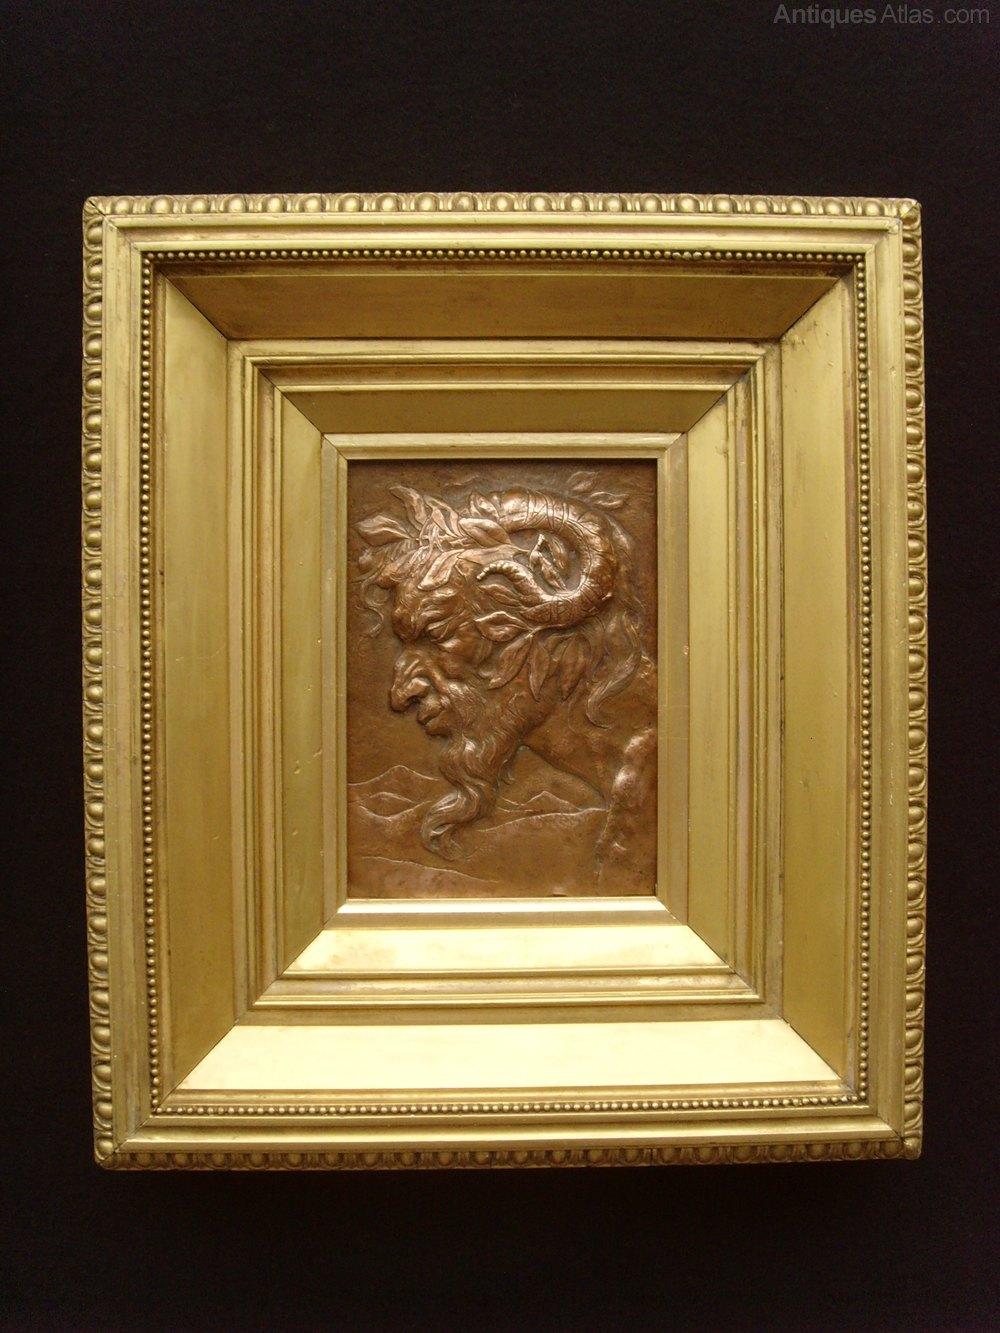 Antiques Atlas - Art Nouveau Relief Copper Plaque Greek God Pan